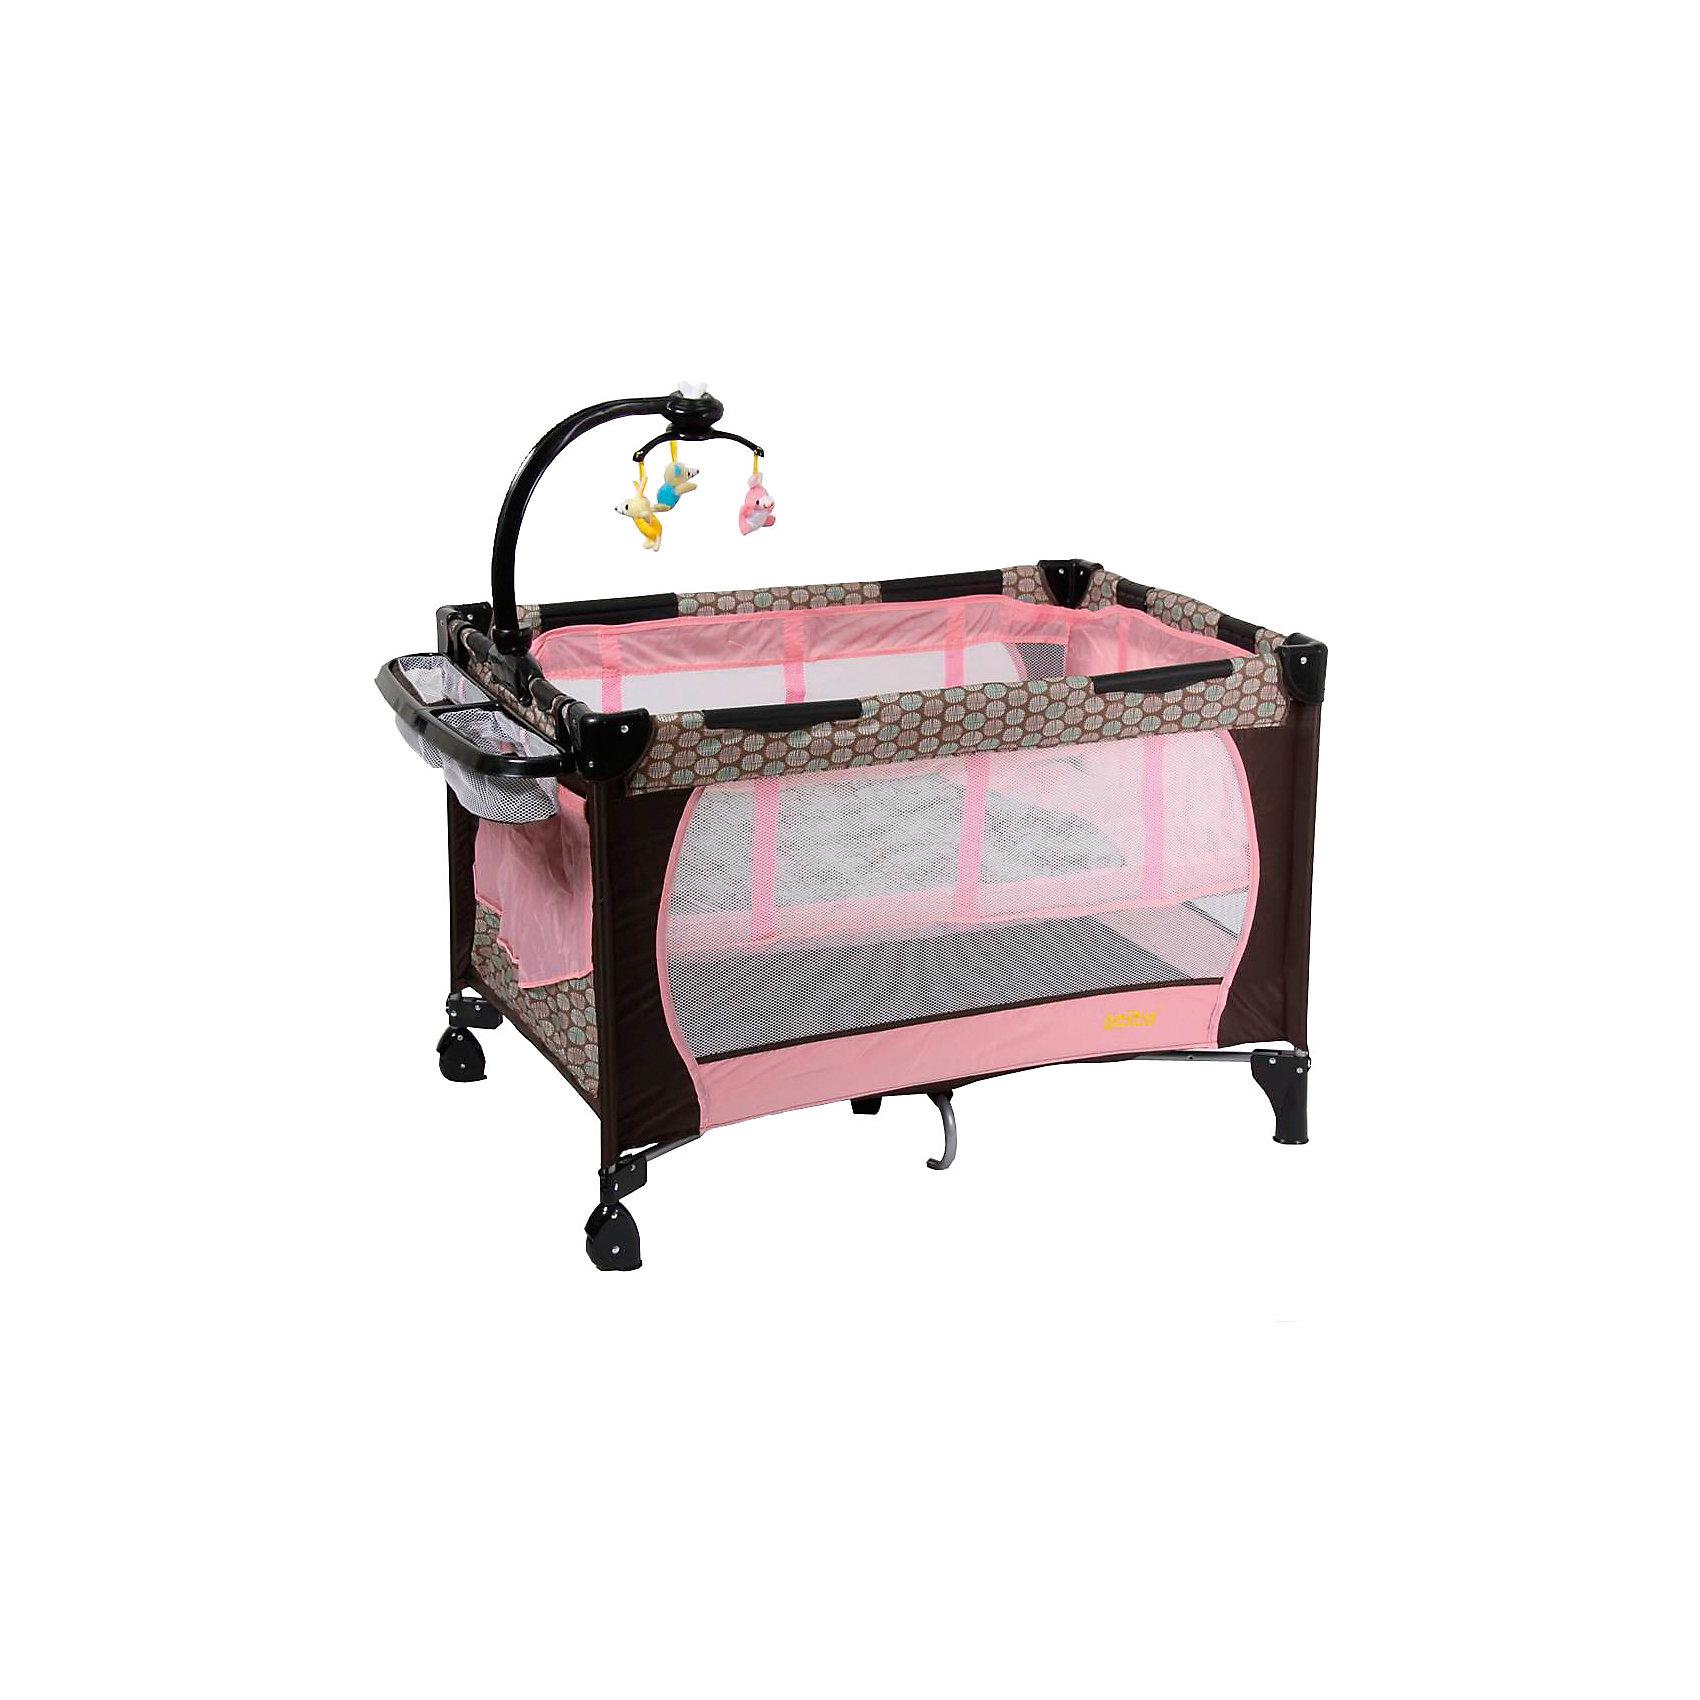 Манеж 212, Selby, розовыйМанежи-кроватки<br>Характеристики товара:<br><br>• возраст с рождения;<br>• материал: пластик;<br>• 2 уровня высоты;<br>• в комплекте: манеж, сумка, мобиль с игрушками, съемный ящик;<br>• размер манежа 110х76х77 см;<br>• 2 колеса<br>• накладки на углах манежа<br>• карман для хранения мелочей<br>• на манже крепится мобиль с игрушками<br>• стенки манежа из сетчатого материала<br>• манже легко складывается<br>• вес упаковки 12,8 кг;<br>• страна производитель: Китай.<br><br>Манеж 212 Selby зеленый — комфортный манеж для игр и отдыха малыша. Для новорожденного используется верхний уровень, а для детей постарше нижний уровень как для отдыха, так и для игр. На манеж крепится мобиль с подвесными игрушками, которые малыш может рассматривать, трогать, хватать, что поспособствует развитию мелкой моторики рук, хватательного рефлекса, зрительного восприятия. <br><br>Стенки манежа выполнены из сетчатого материала, который обеспечивает хороший воздухообмен. 2 колесика облегчают перемещение по квартире. Углы манежа закрыты пластиковыми накладками, чтобы избежать случайных травм. Для хранения игрушек, салфеток, полотенец предусмотрен боковой карман, а также небольшой съемный ящик. <br><br>Конструкция отличается хорошей устойчивостью благодаря дополнительному упору по центру. Манеж можно использовать не только дома, но и брать с собой в поездку или на дачу, так как он легко складывается. Для его транспортировки имеется удобная сумка.<br><br>Манеж 212 Selby зеленый можно приобрести в нашем интернет-магазине.<br><br>Ширина мм: 1100<br>Глубина мм: 760<br>Высота мм: 770<br>Вес г: 12800<br>Возраст от месяцев: 0<br>Возраст до месяцев: 36<br>Пол: Женский<br>Возраст: Детский<br>SKU: 5610148